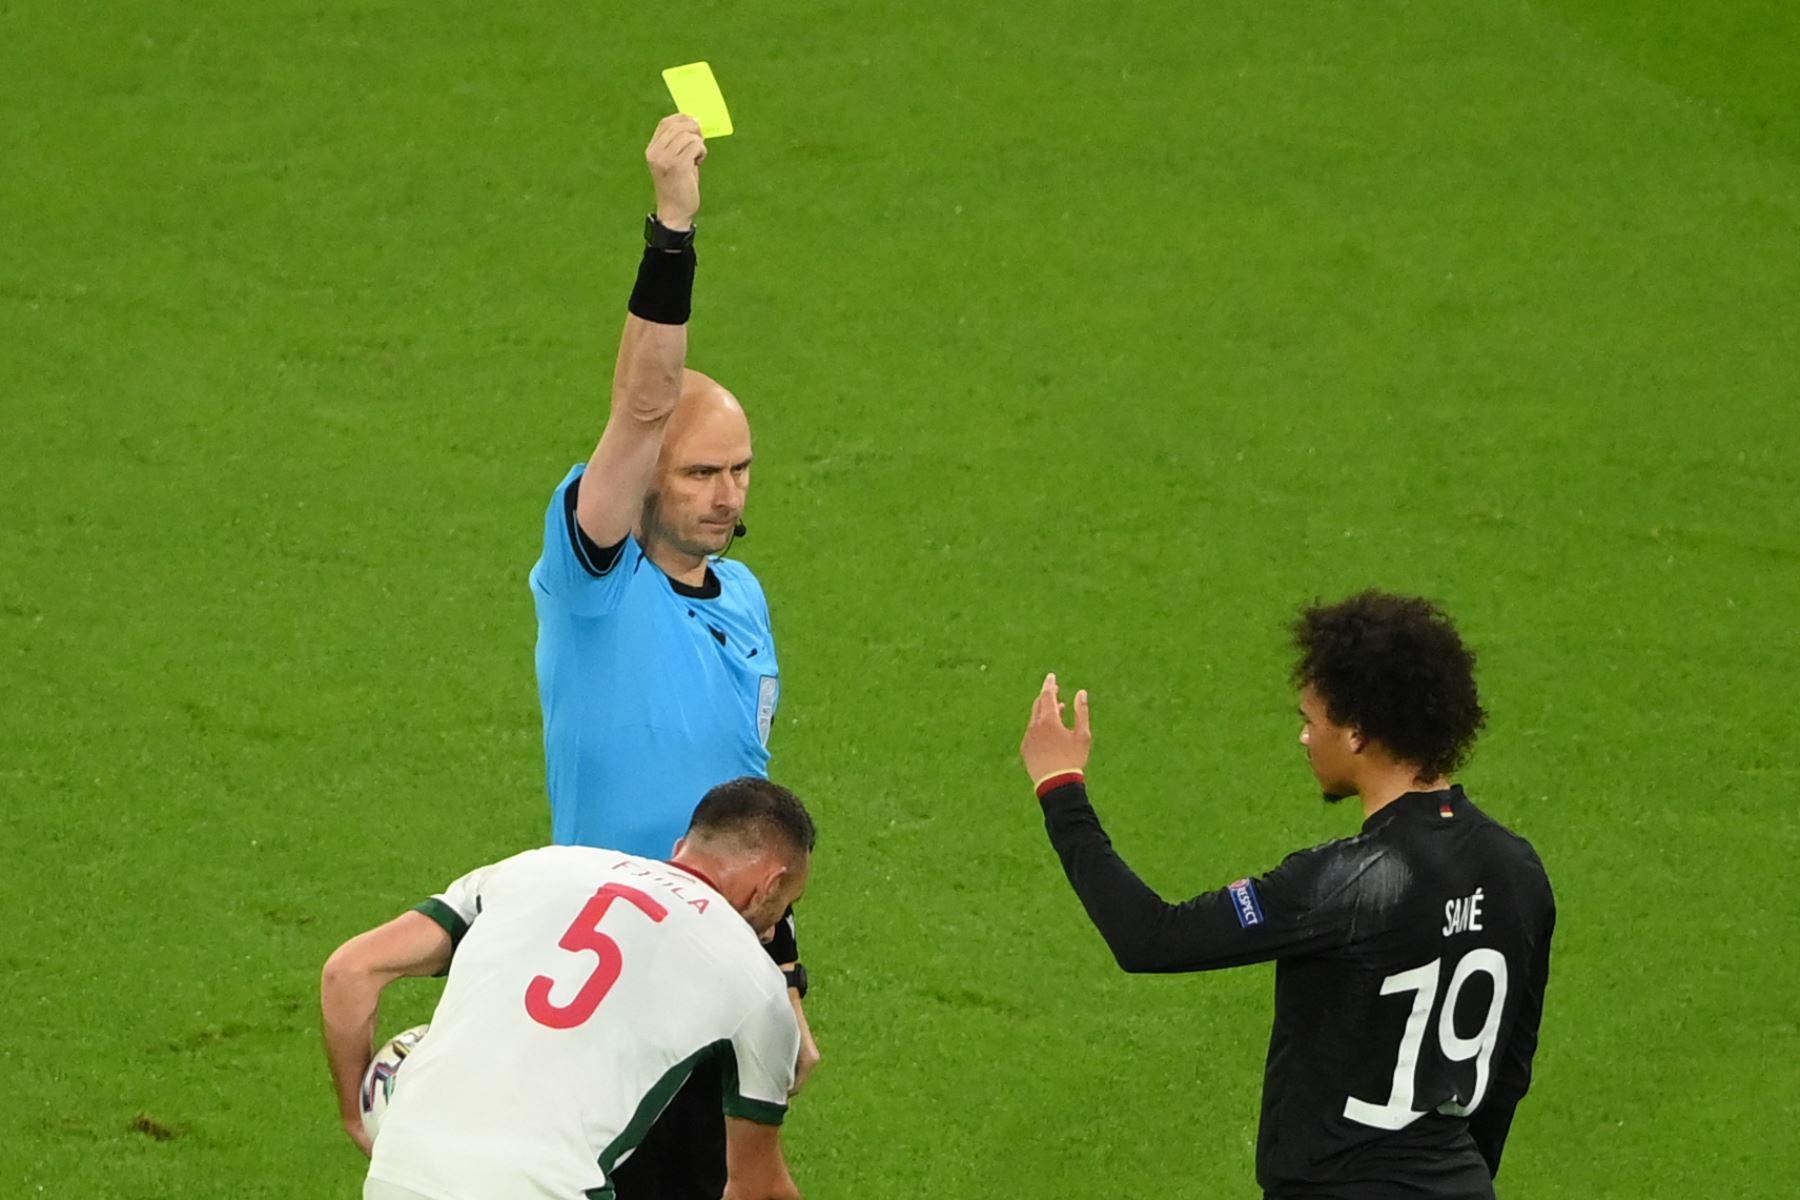 El árbitro ruso Sergei Karasev muestra una tarjeta amarilla al mediocampista alemán Leroy Sane por una falta durante el partido frente a Hungría por el Grupo F de la UEFA EURO 2020, en Múnich. Foto: AFP